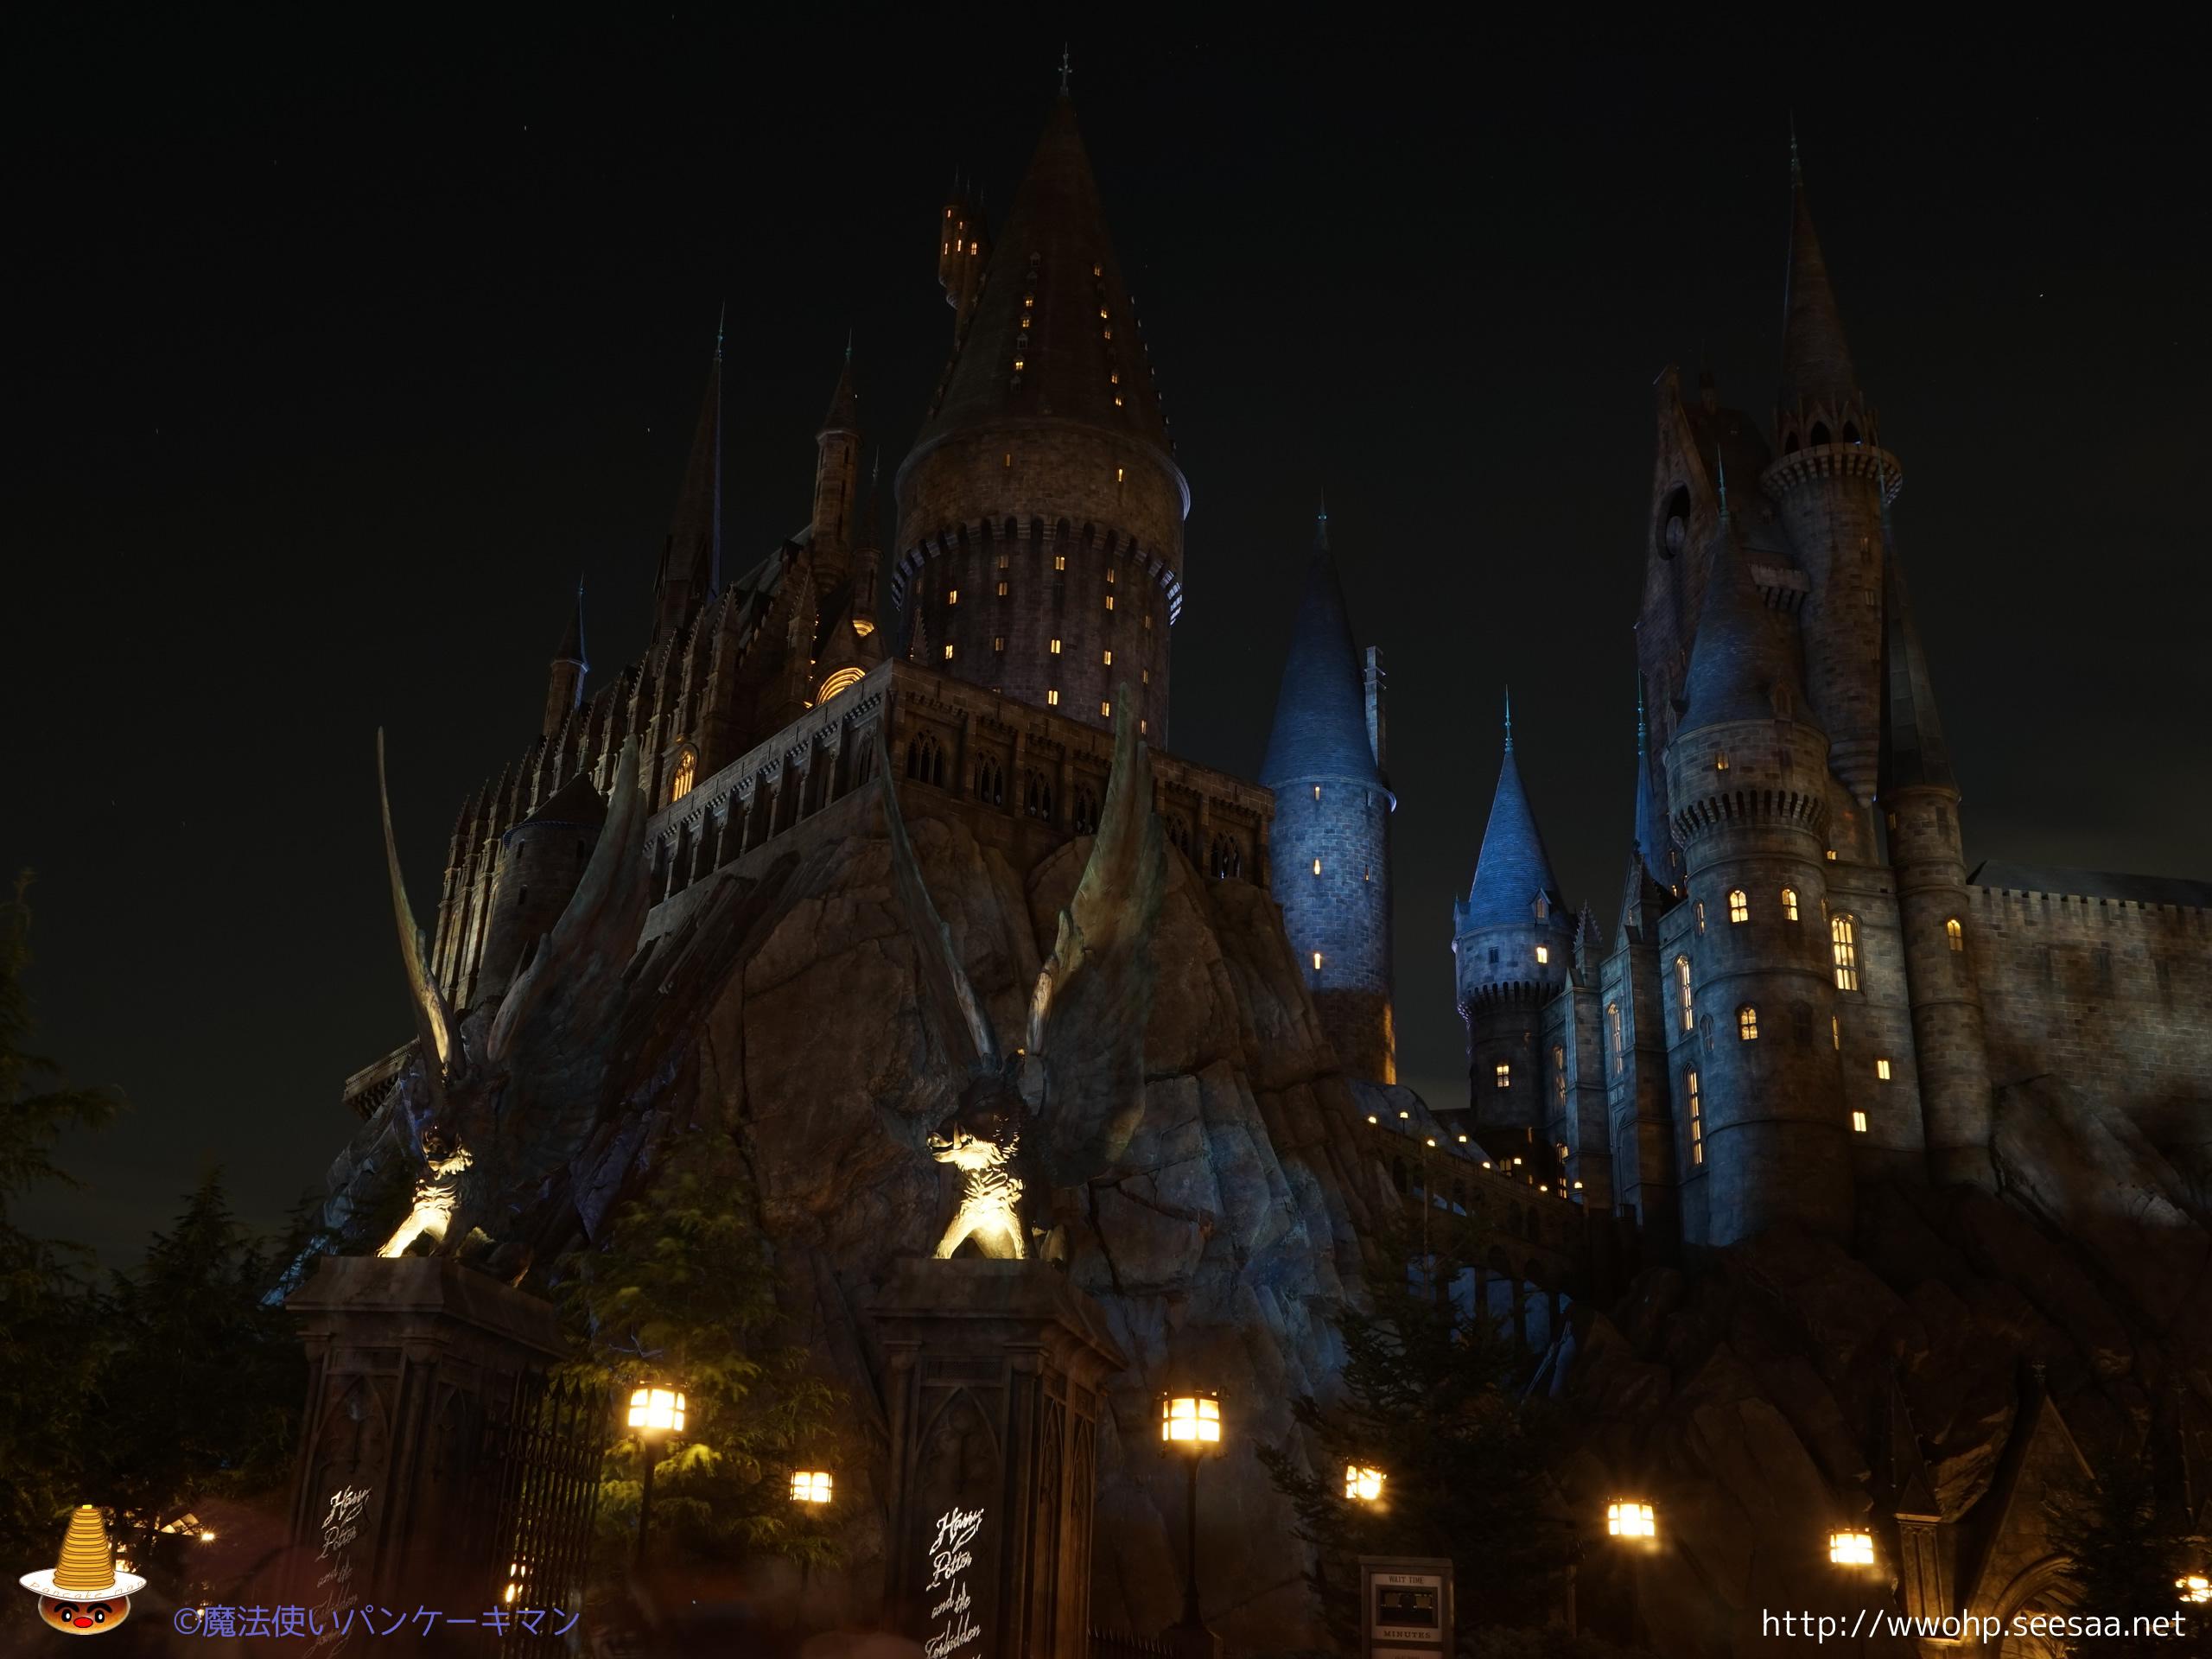 ホグワーツ正門とグリフィンドール塔の夜景の壁紙 魔法使いパンケーキマン